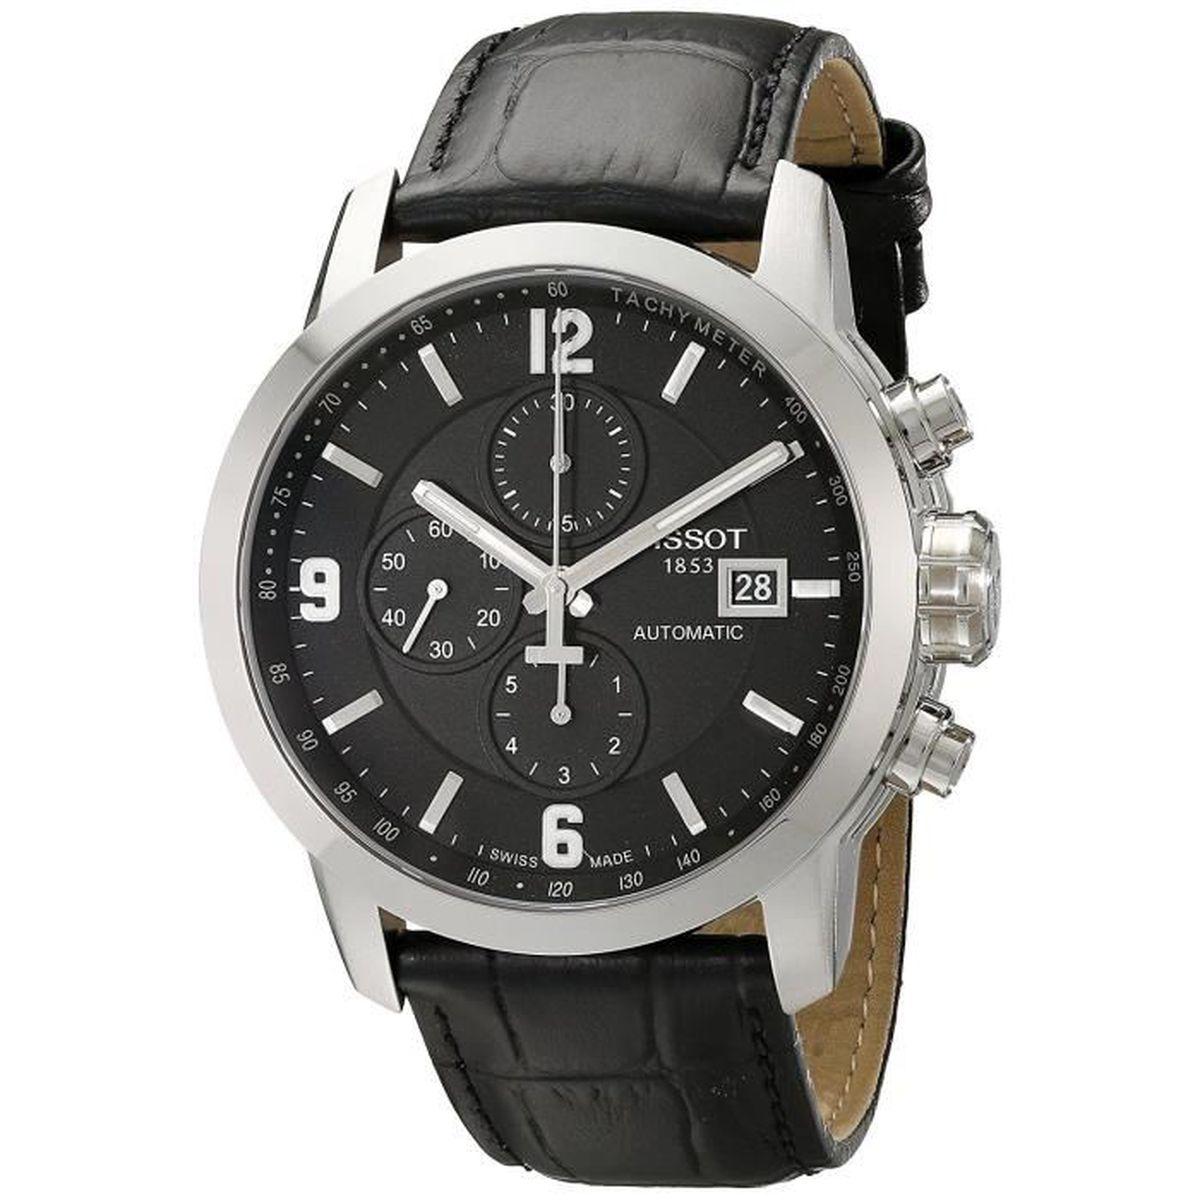 Tissot Homme 44mm Bracelet Cuir Noir Saphire Automatique